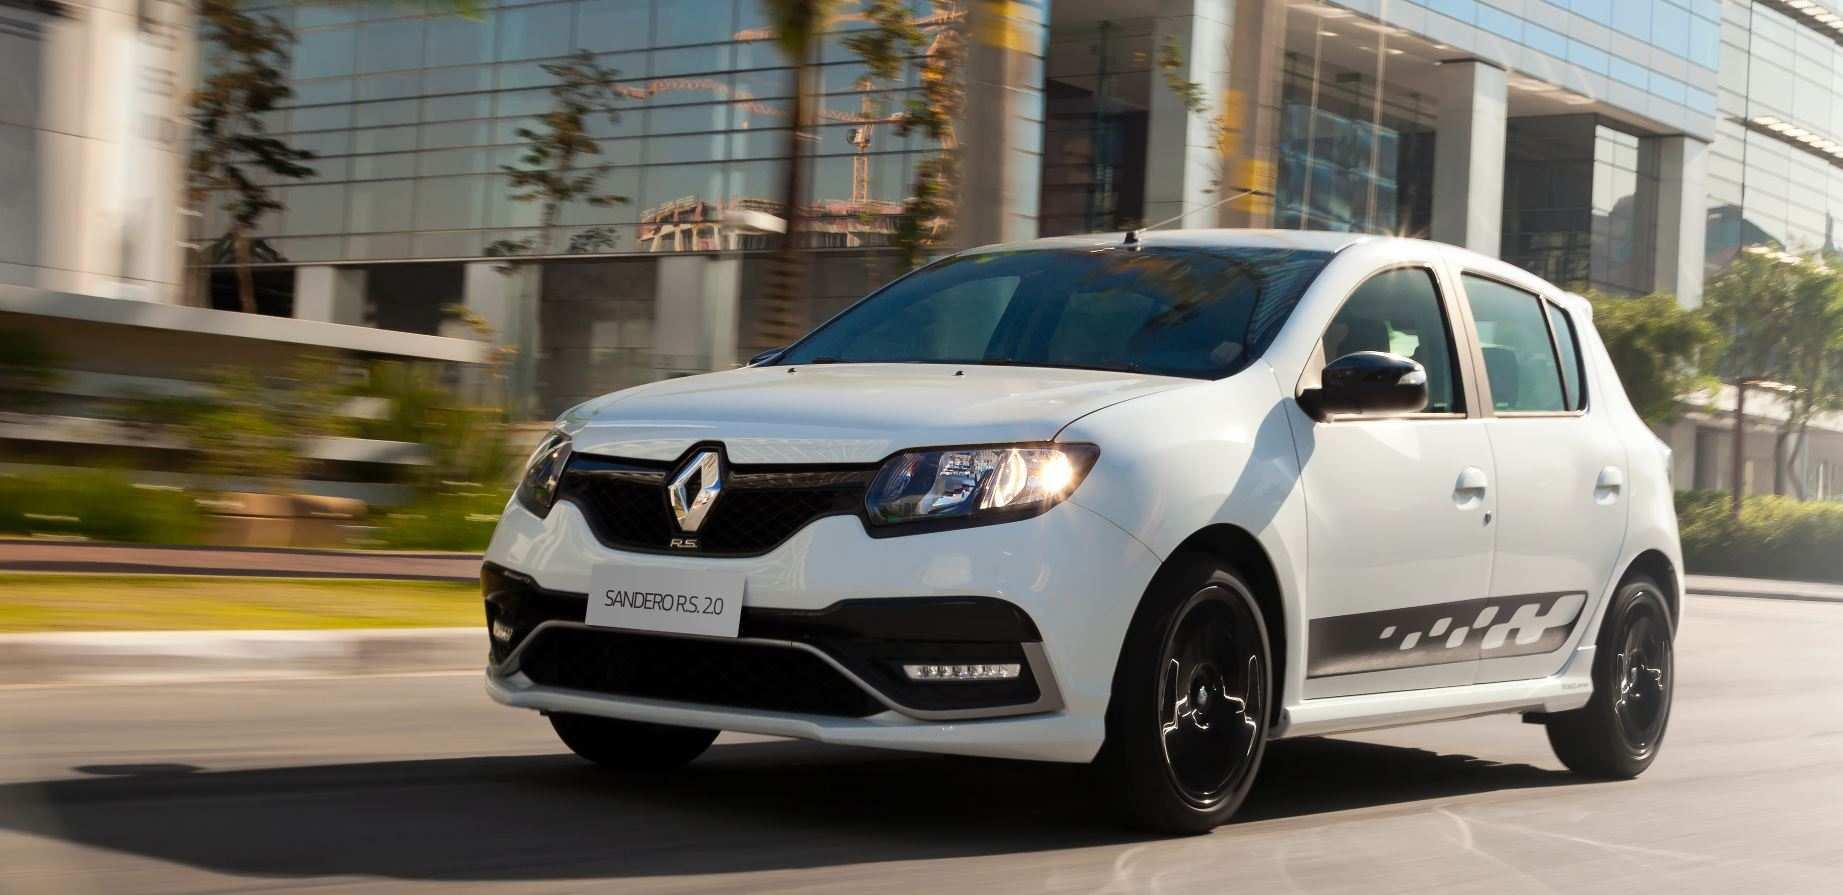 96 New Dacia 2019 Pricing with Dacia 2019